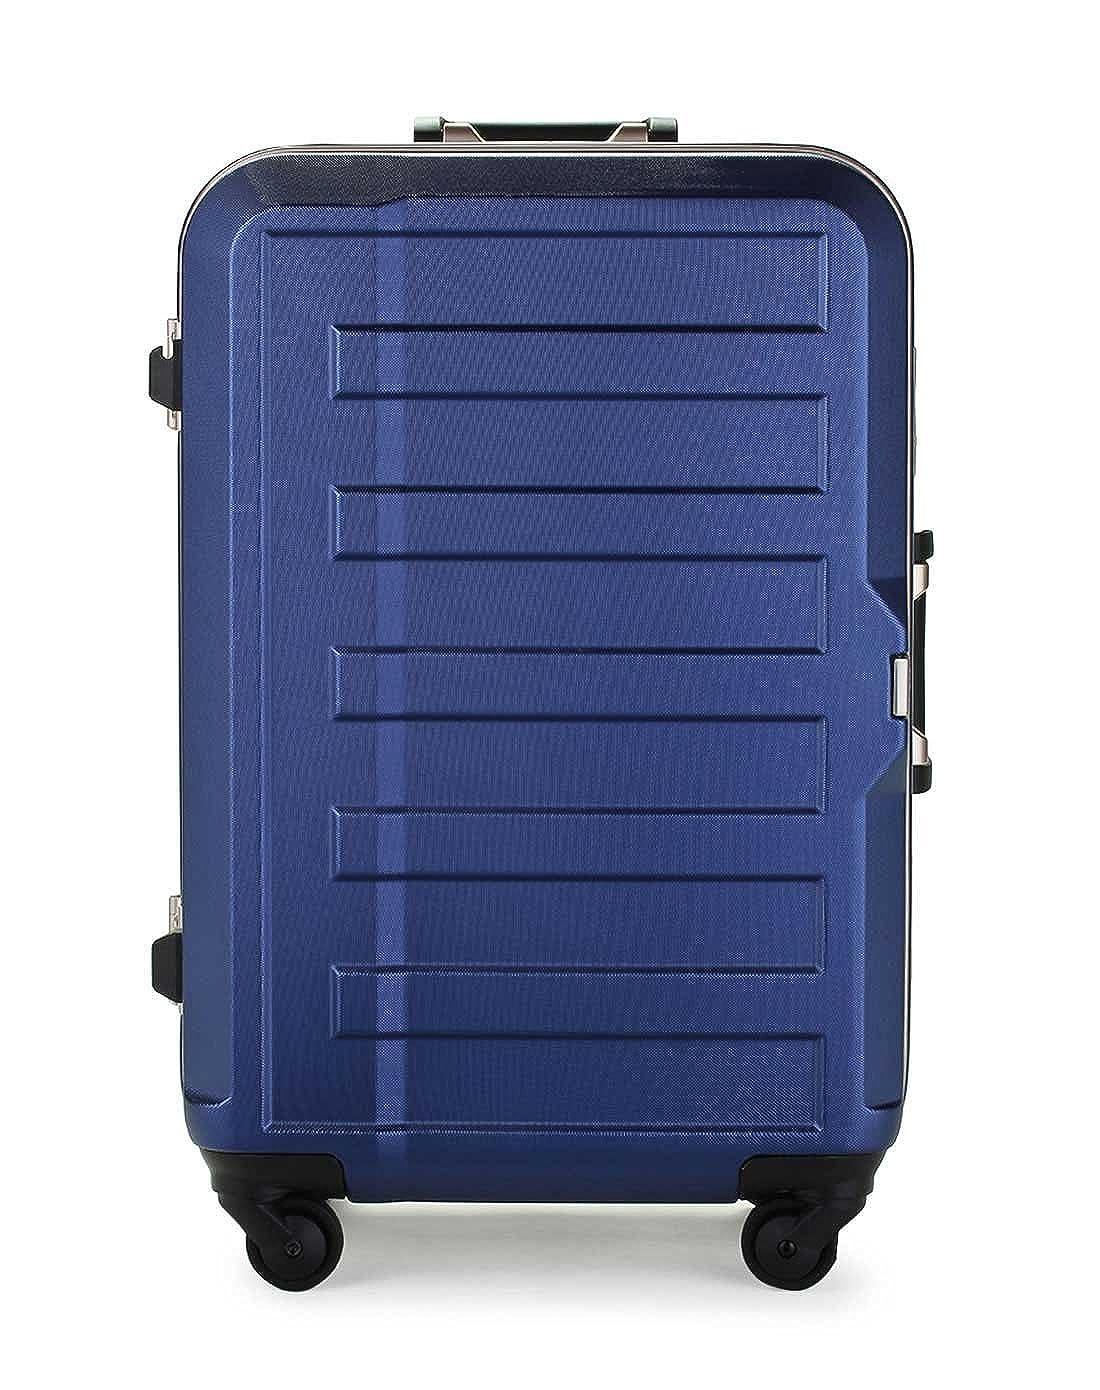 [レジェンドウォーカー] ポリカーボネート シボ加工 スーツケース 85L 74 cm 5.2kg 5088-68 B00O1M2YK2 ネイビー